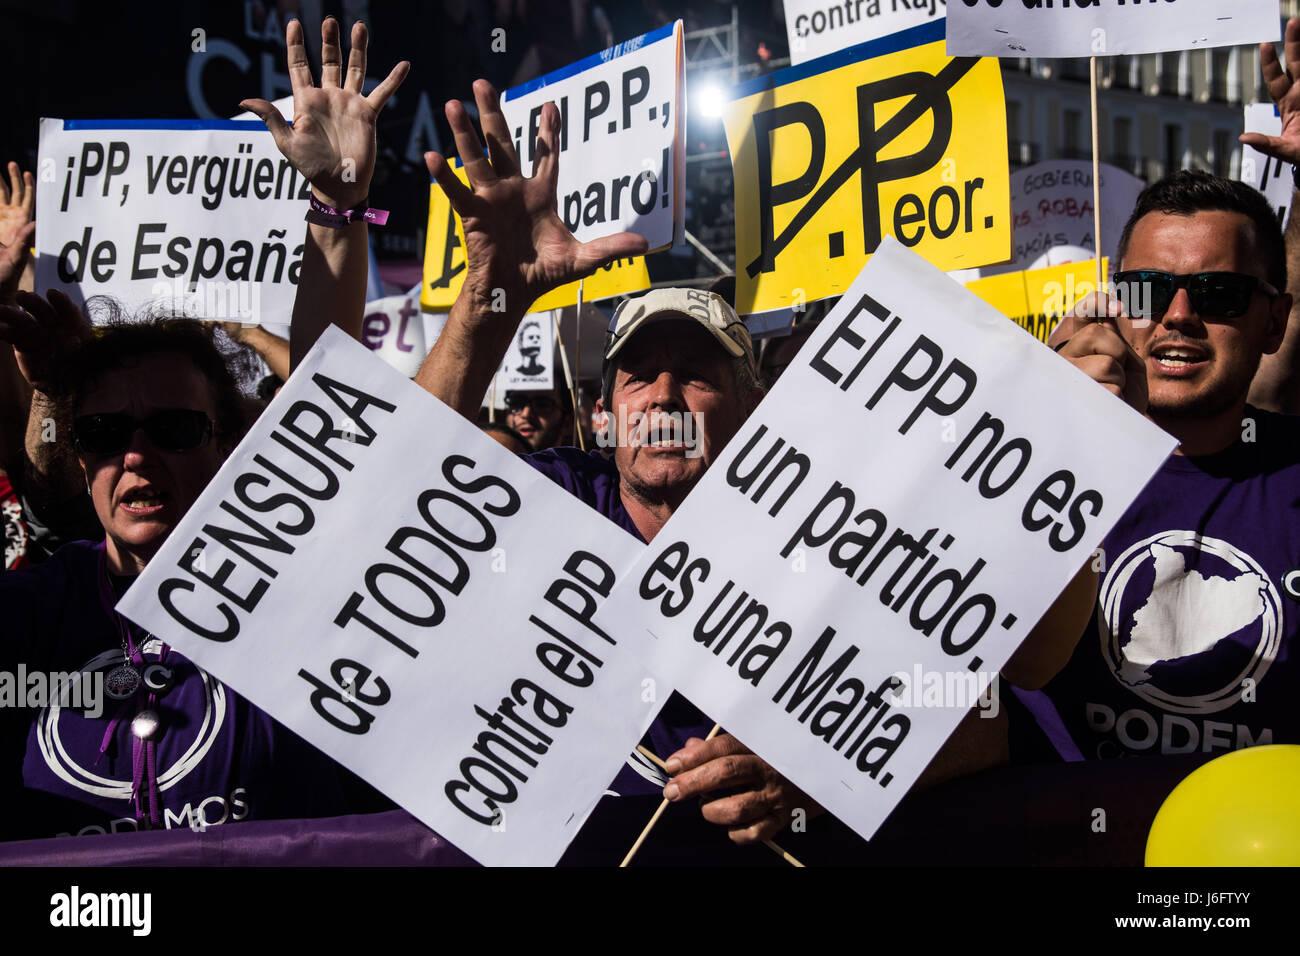 Madrid, Spagna. Il 20 maggio 2017. Persone che protestano contro il Partito popolare il supporto Podemos partito Immagini Stock